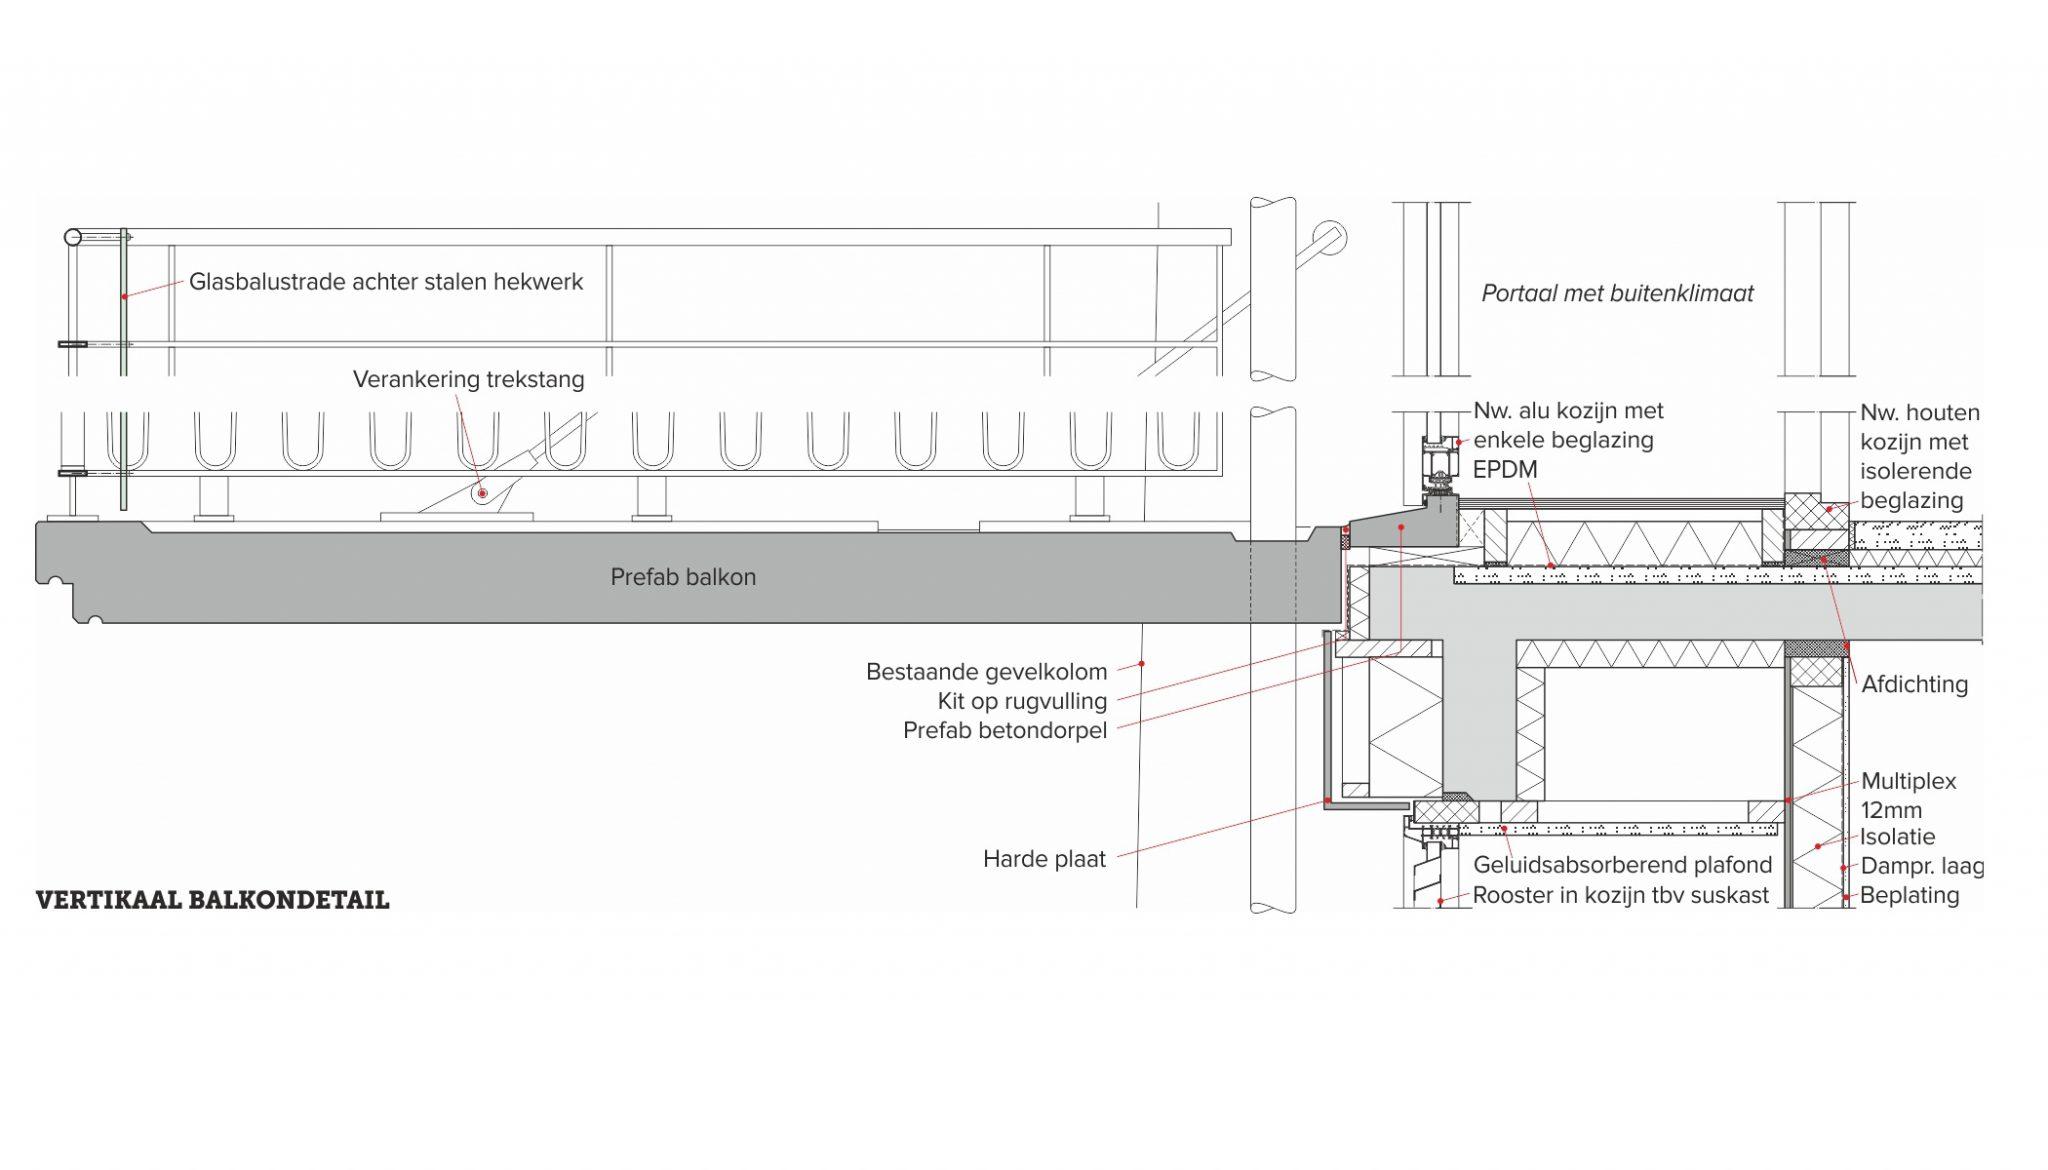 balkonconstructie, detail van de dag